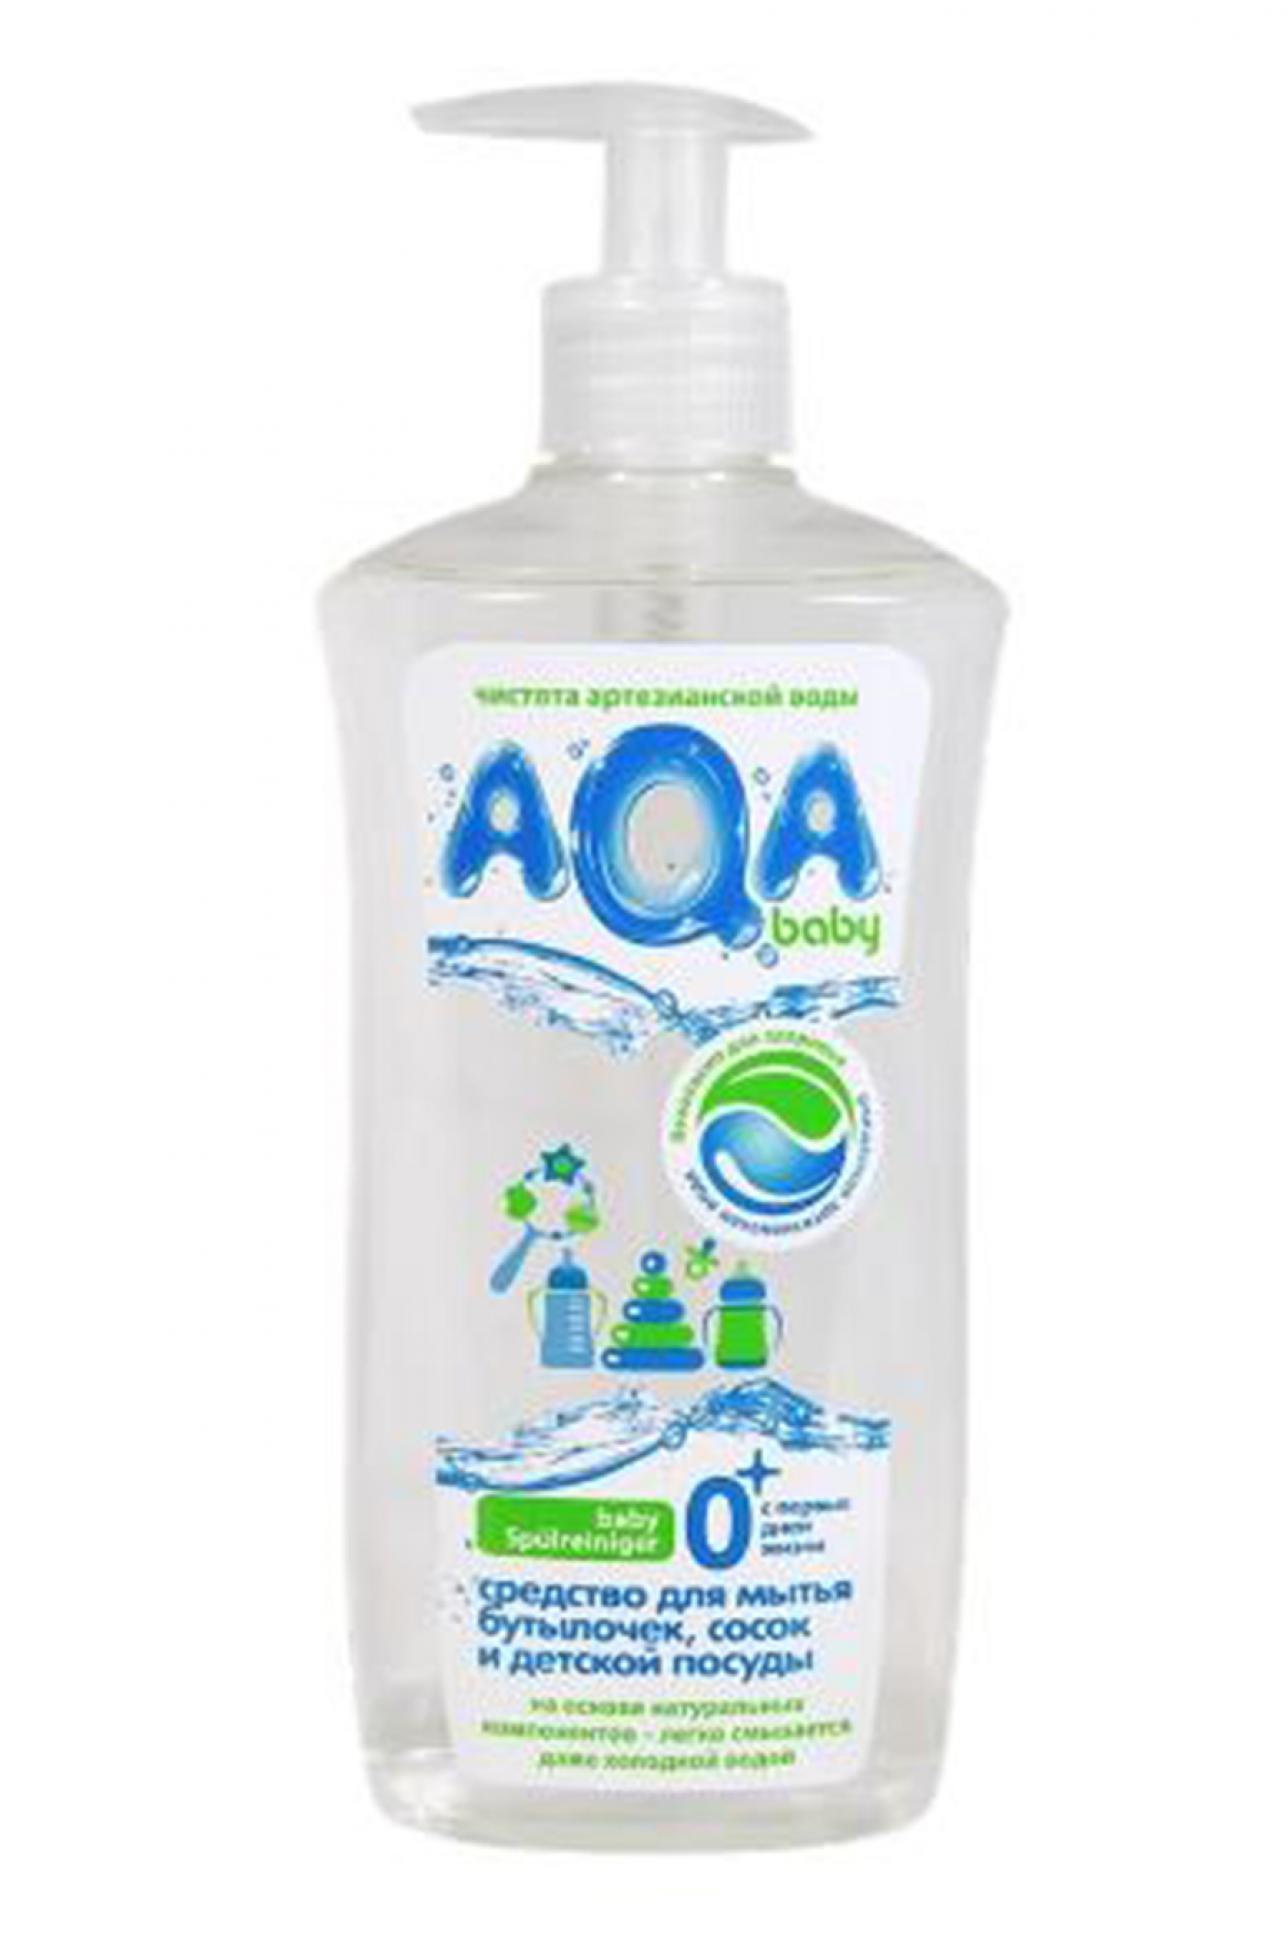 Фото - Средство для мытья посуды AQA baby Средство для мытья бутылочек, сосок и детской посуды pigeon средство д мытья детской посуды и овощей сменный блок 700мл